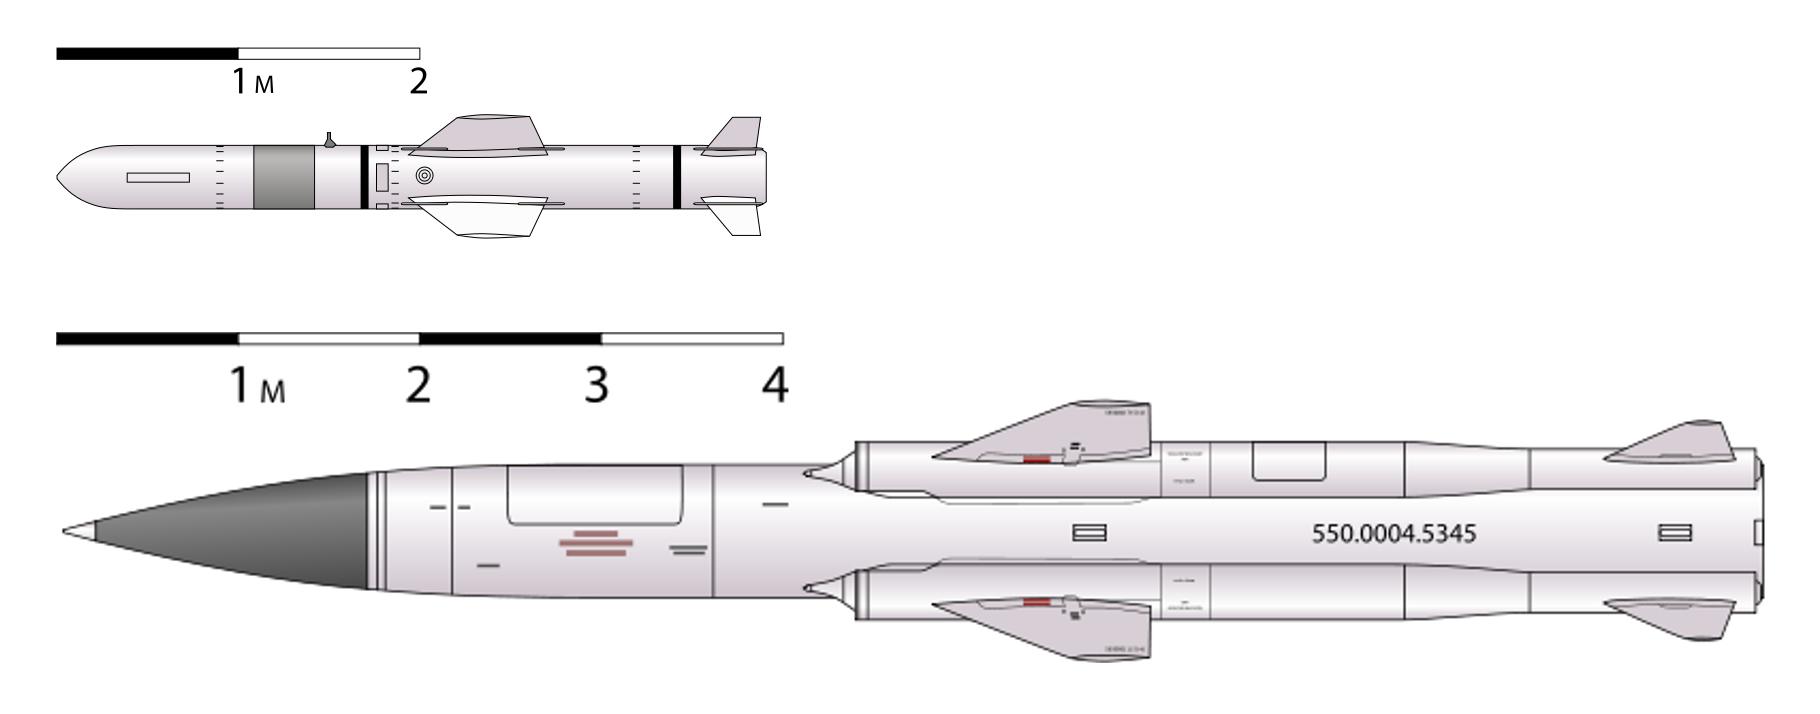 П-500 «базальт» (4к80) - противокорабельная ракета